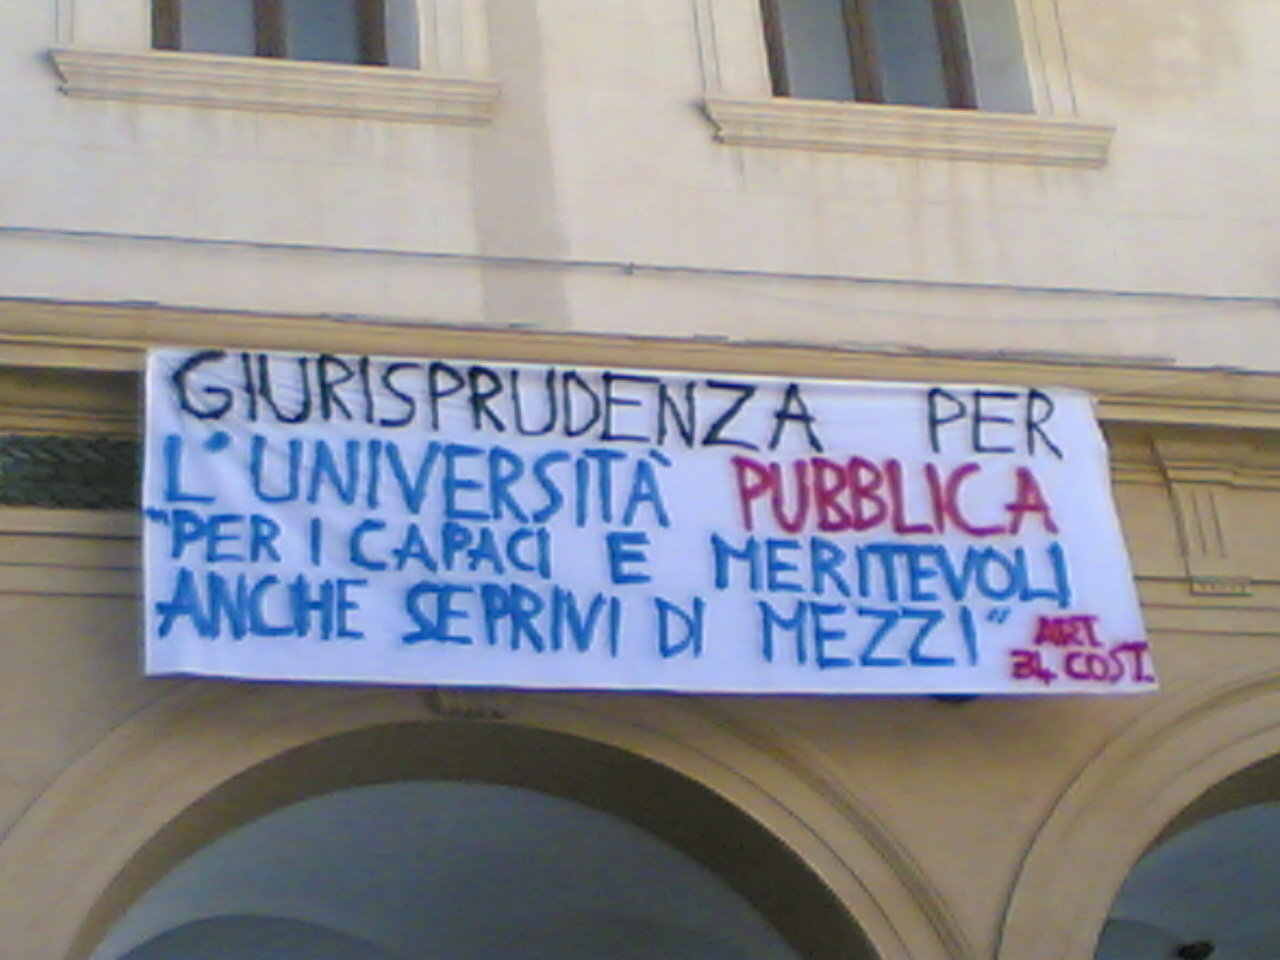 GLI STUDENTI VANNO AVANTI CON LE PROTESTE, RIMANE CALDA LA PIAZZA PALERMITANA